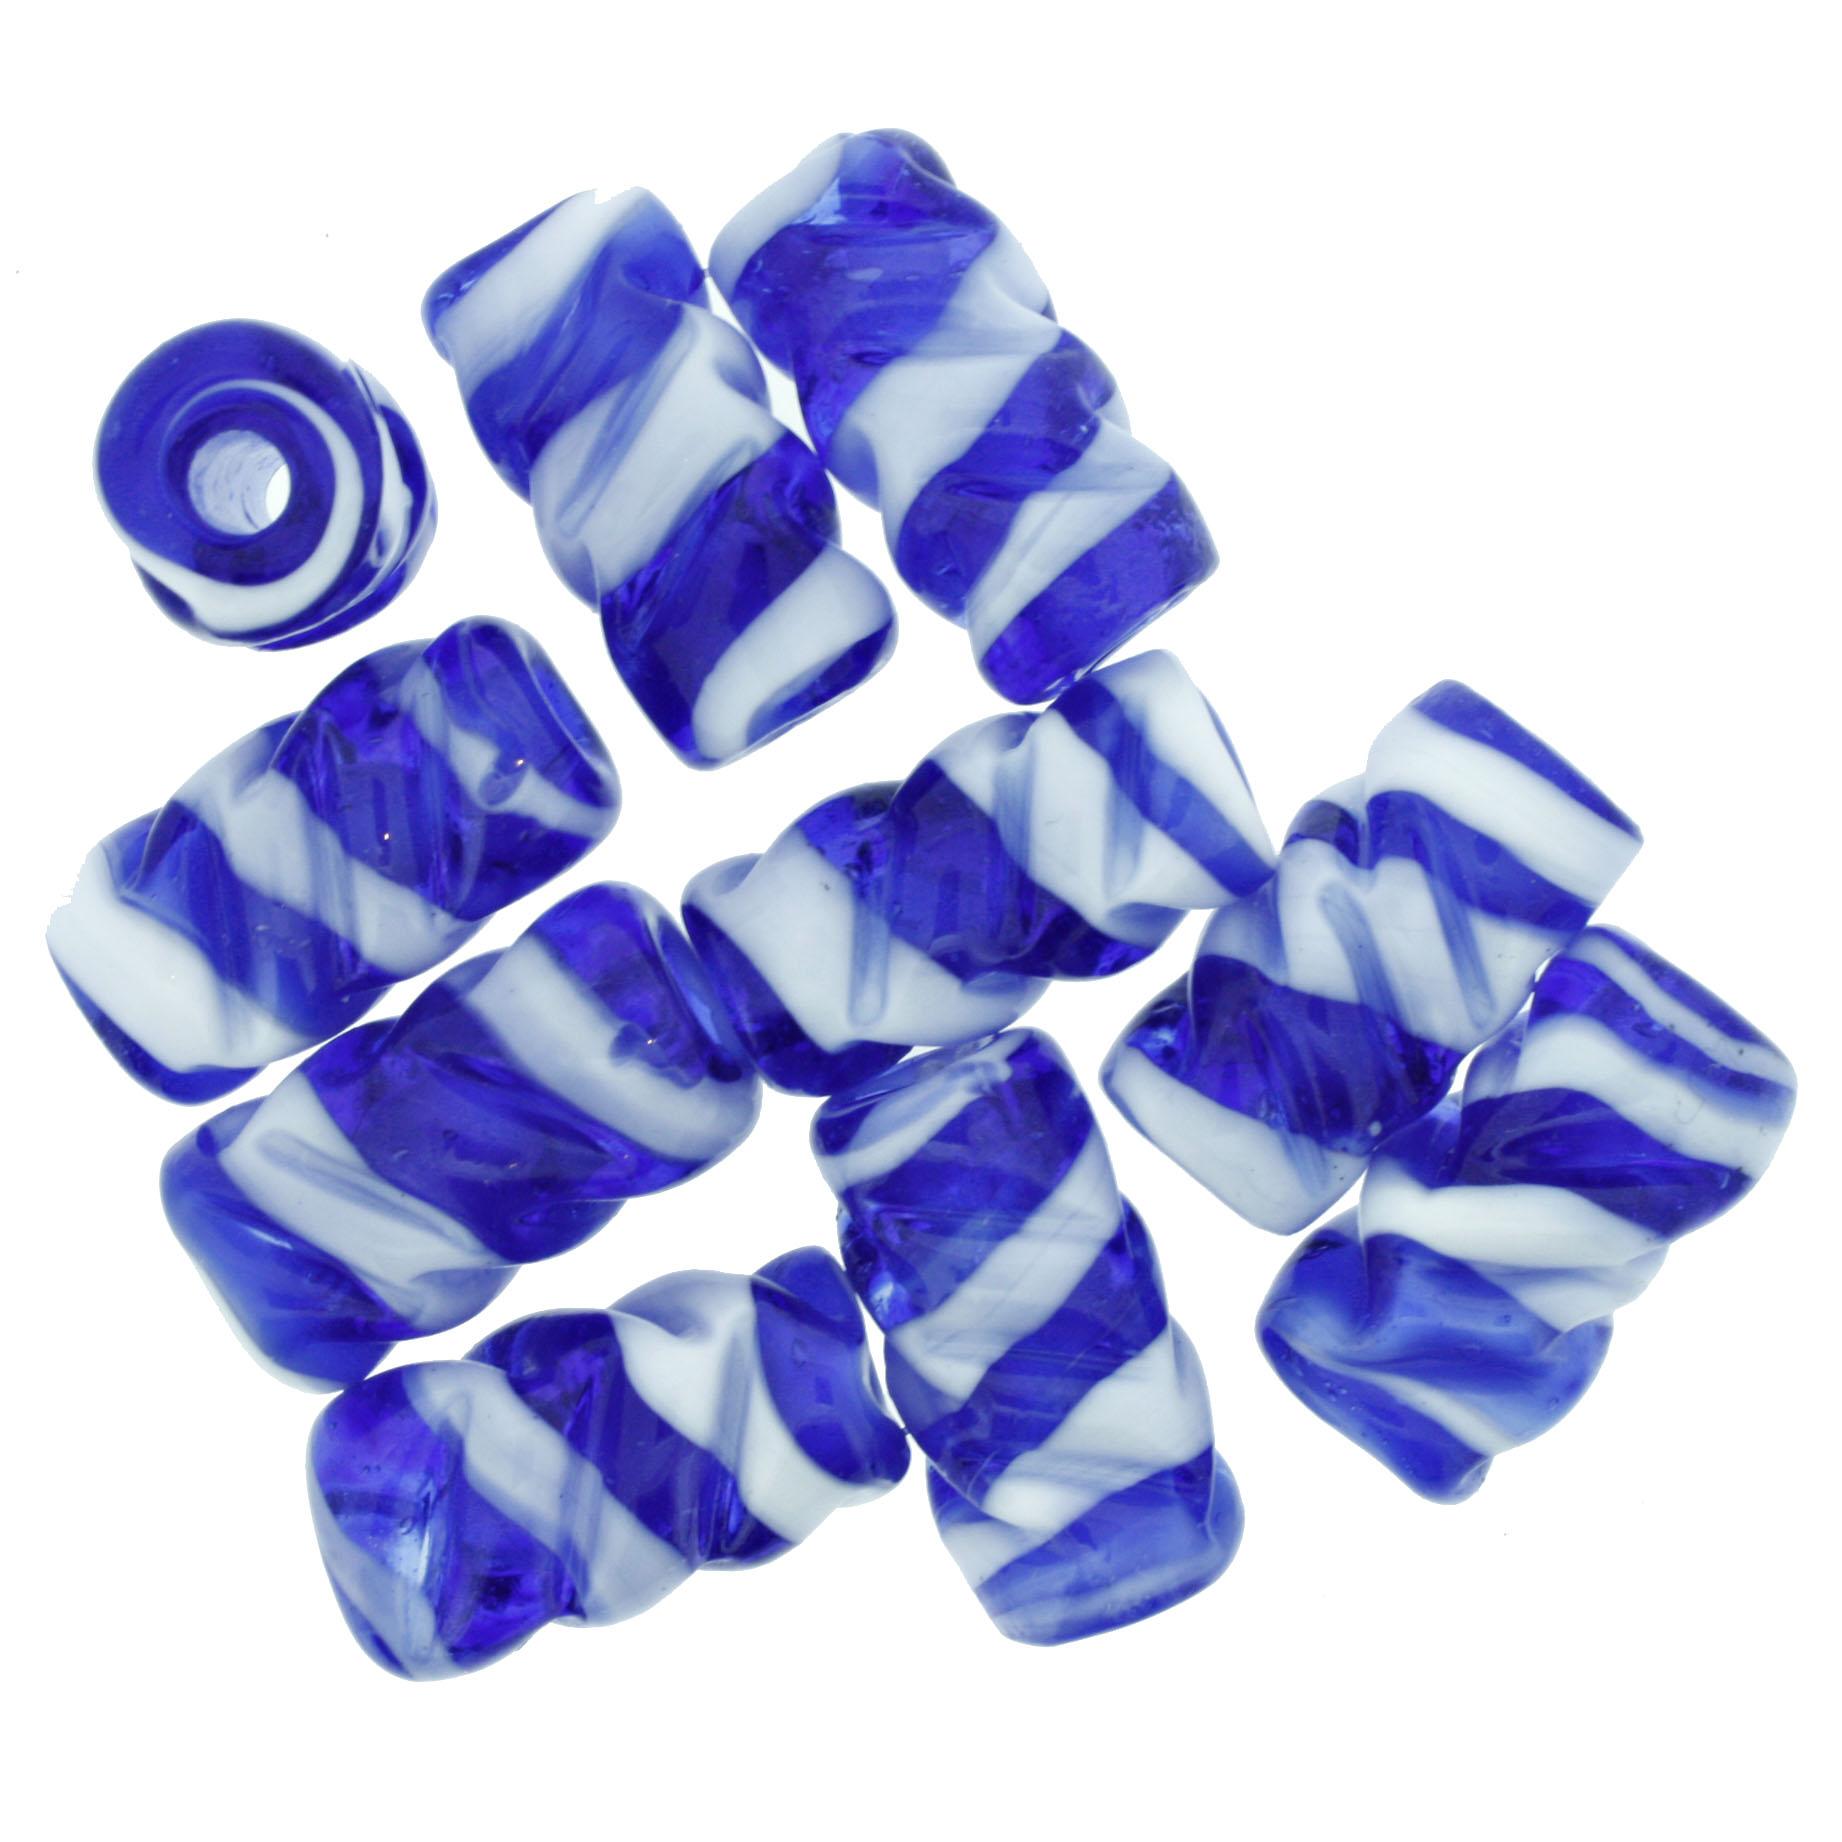 Firma de Vidro Frisada - Azul e Branca  - Universo Religioso® - Artigos de Umbanda e Candomblé